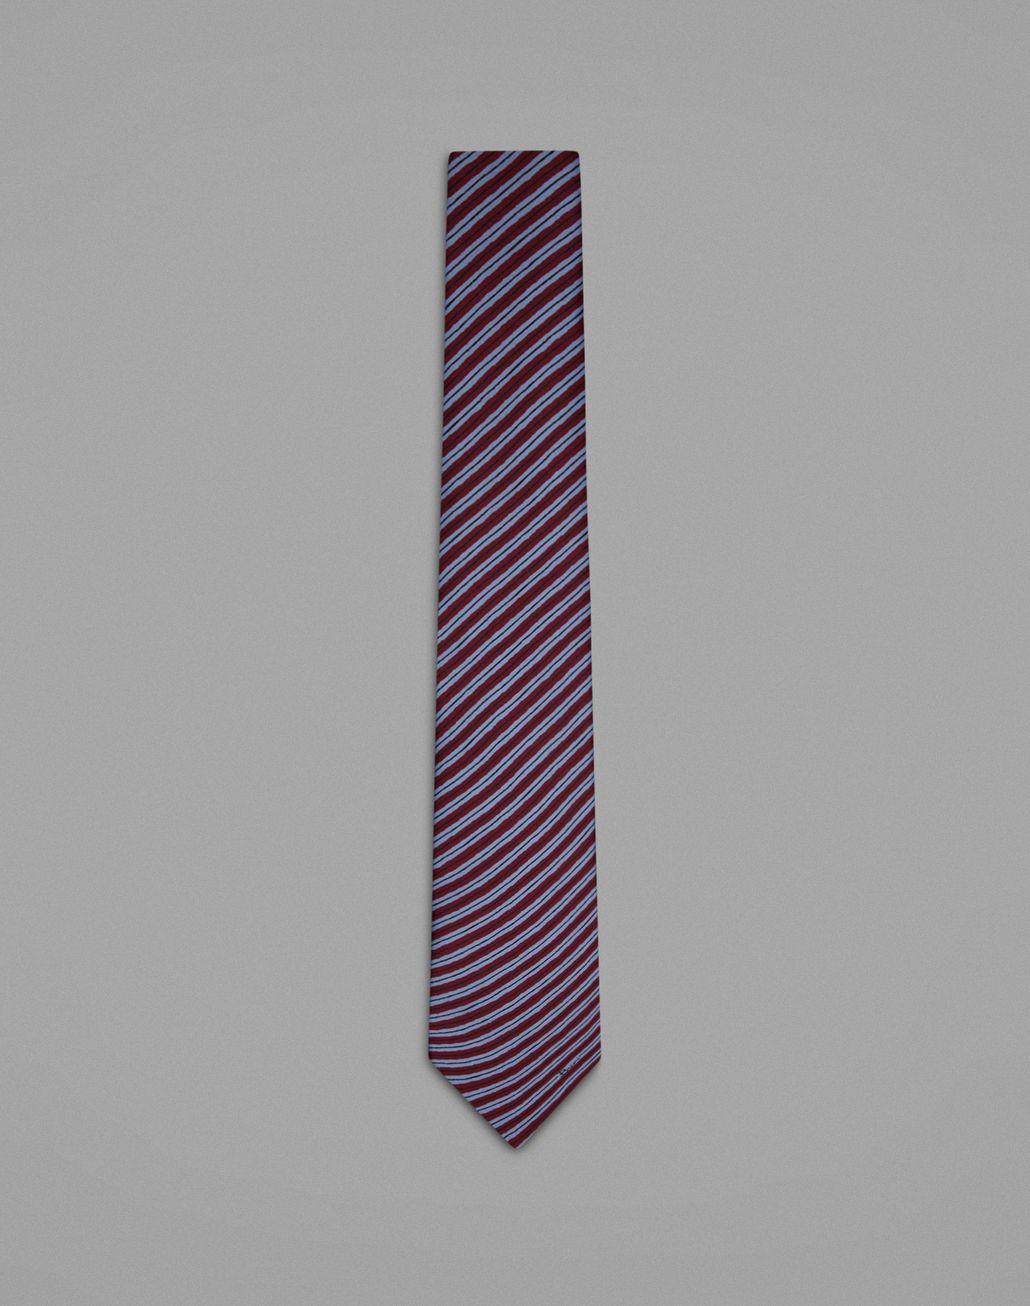 BRIONI Cravate régimentaire bordeaux Cravate Homme f